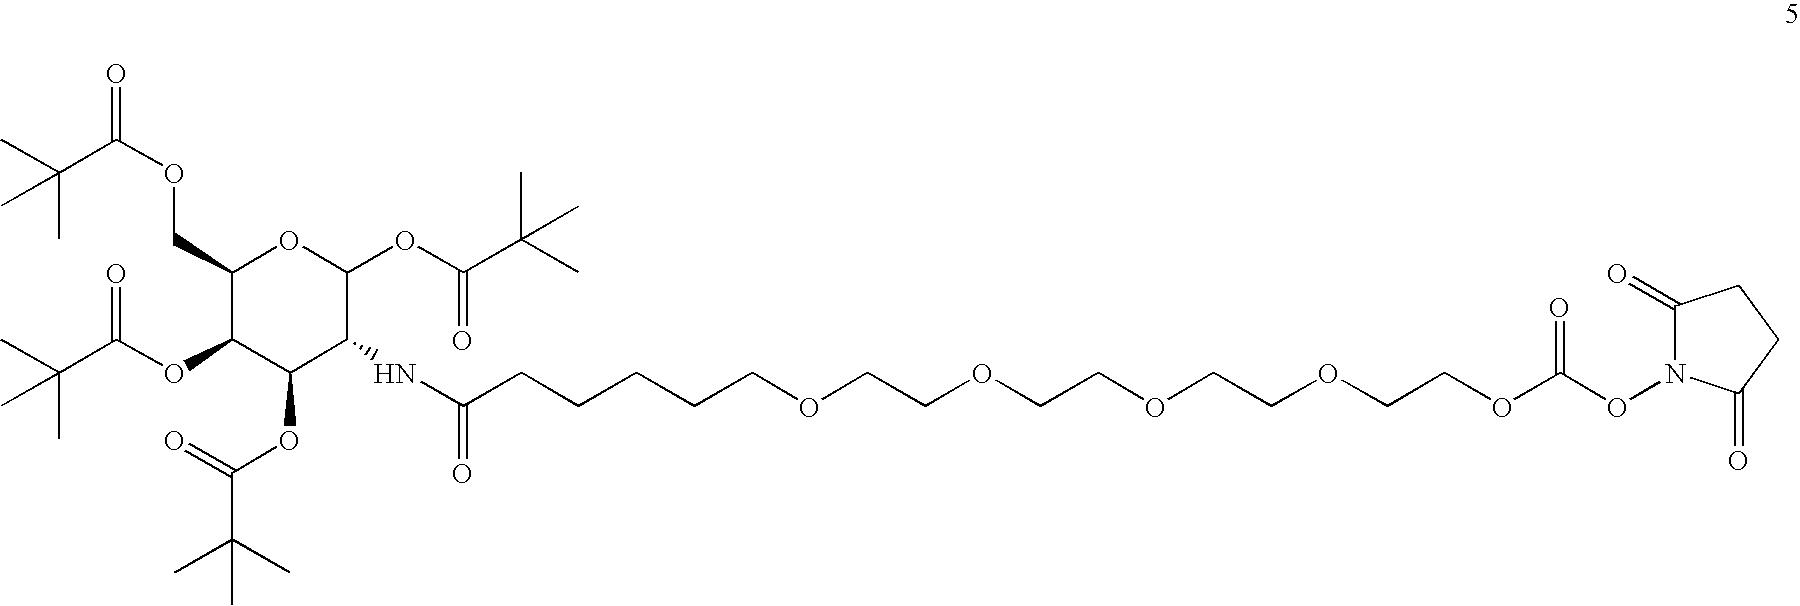 Figure US20080207505A1-20080828-C00092